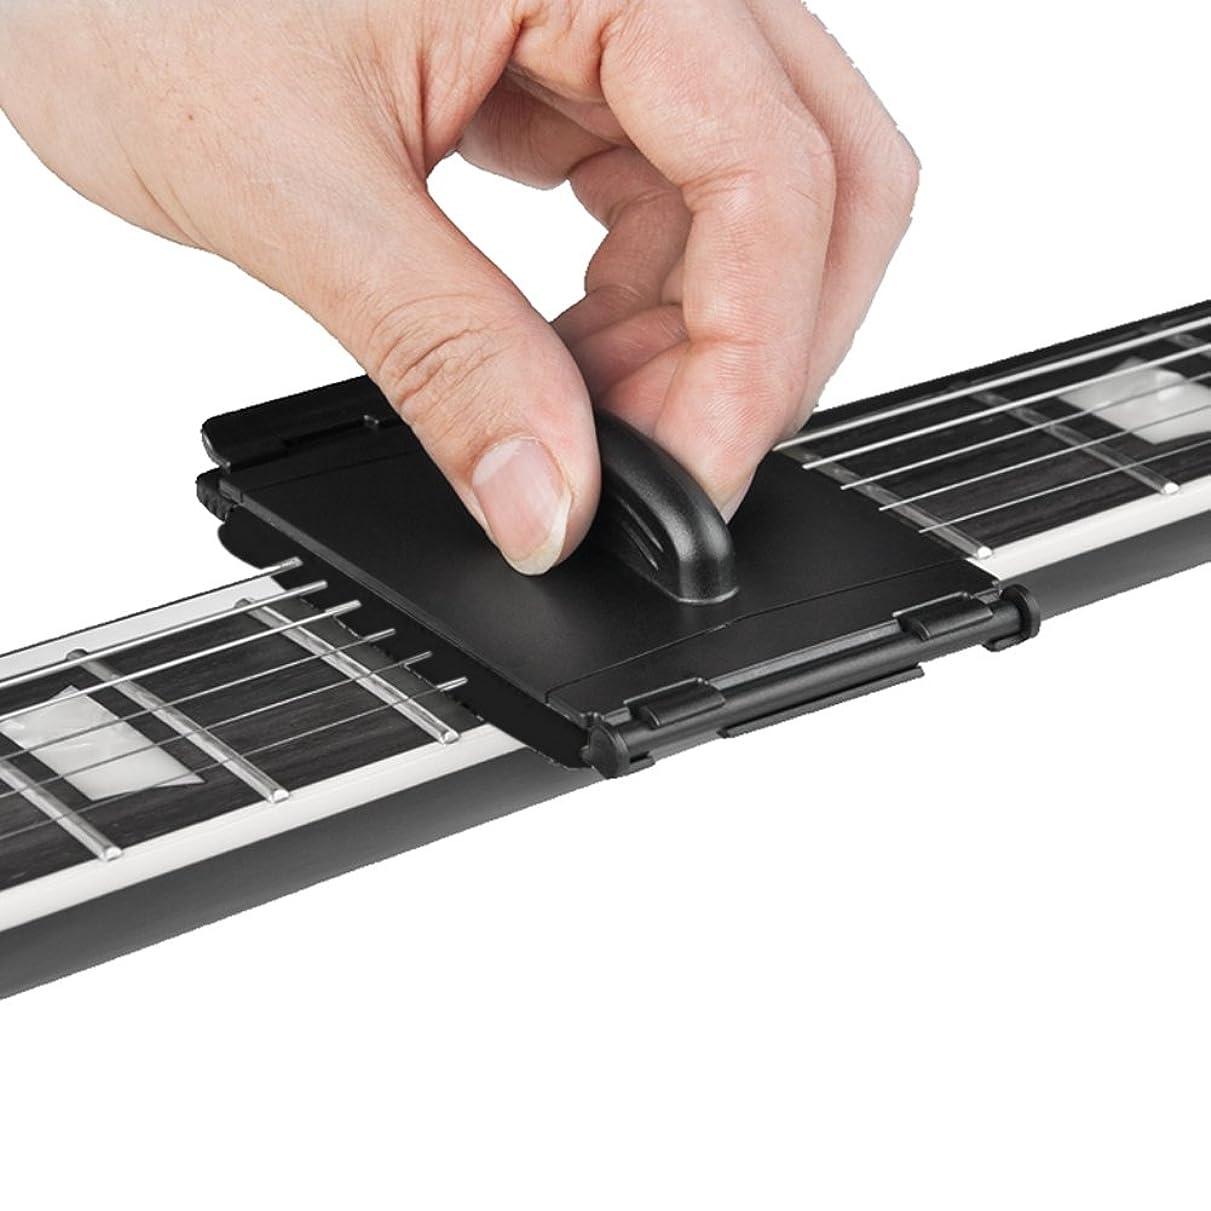 許可リアル不道徳k-outdoor ギター ストリングスクラバー お手入れ ストリング フィンガーボード 指板汚れ クリーニング ギター/ベース/エレキギターに対応 ギターメンテナンス用品 全2色選べ (ブラック)